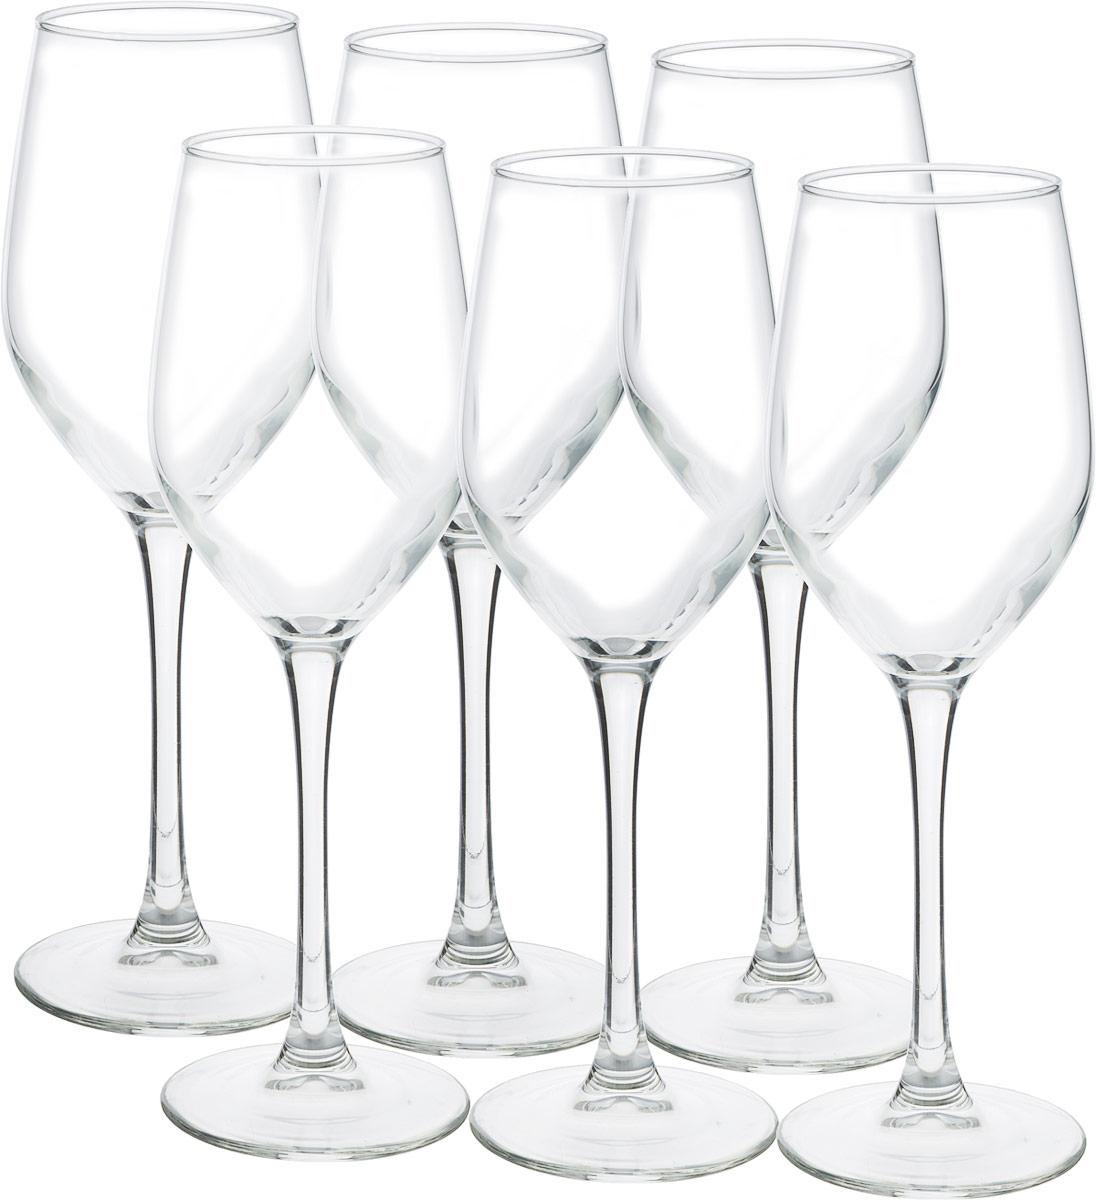 Набор фужеров для вина Luminarc Селест, 270 мл, 6 штL5830Стеклянные бокалы Luminarc Селест очень красивой формы, напоминающей полураскрытый тюльпан. Глубокие бокалы такой формы предназначены, как правило, для подачи белых вин. Особенность белого вина в том, что будучи выпитым из посуды неподходящей формы, оно теряет вкус, не раскрывает букет. Коллекция Luminarc Селест безупречна в этом плане.